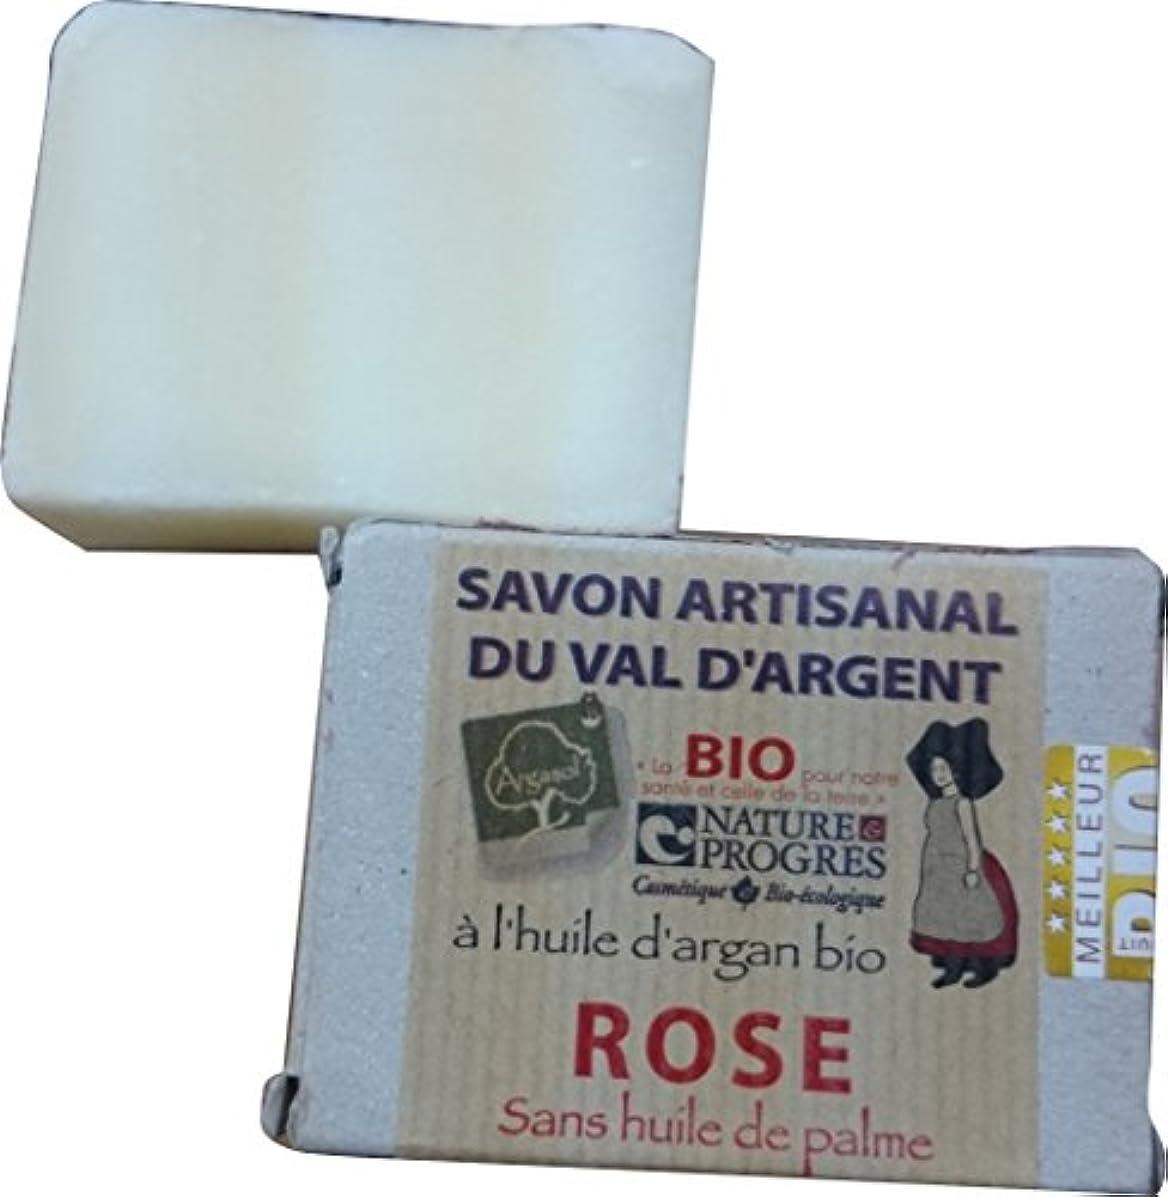 公使館異常偶然のサボン アルガソル(SAVON ARGASOL) ローズ